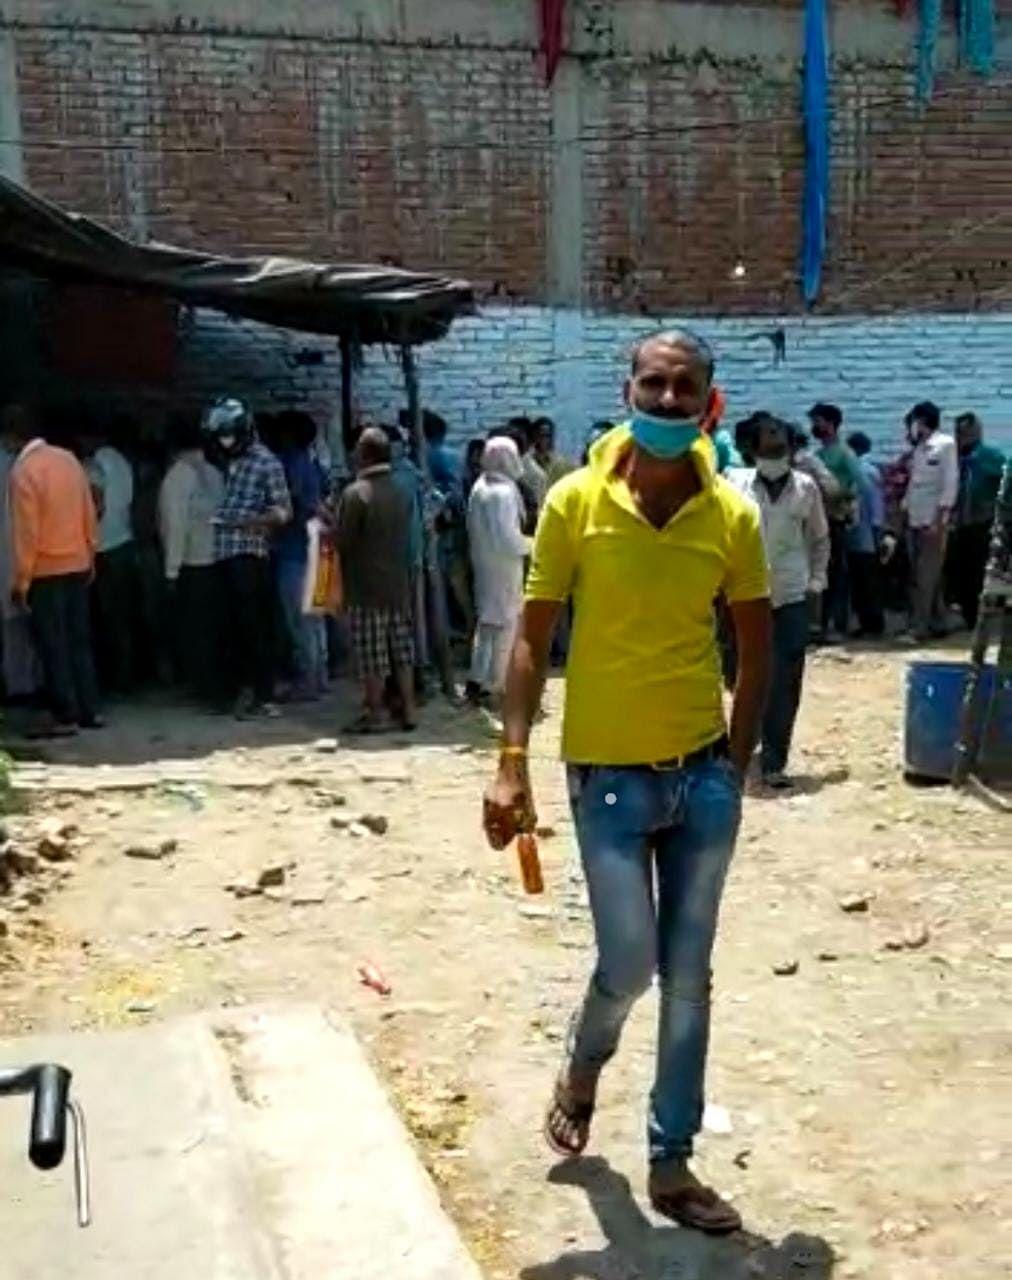 कानपुर में शराब ठेके खुलते ही उमड़ी भीड़, कोविड प्रोकोकॉल की उड़ी धज्जियां